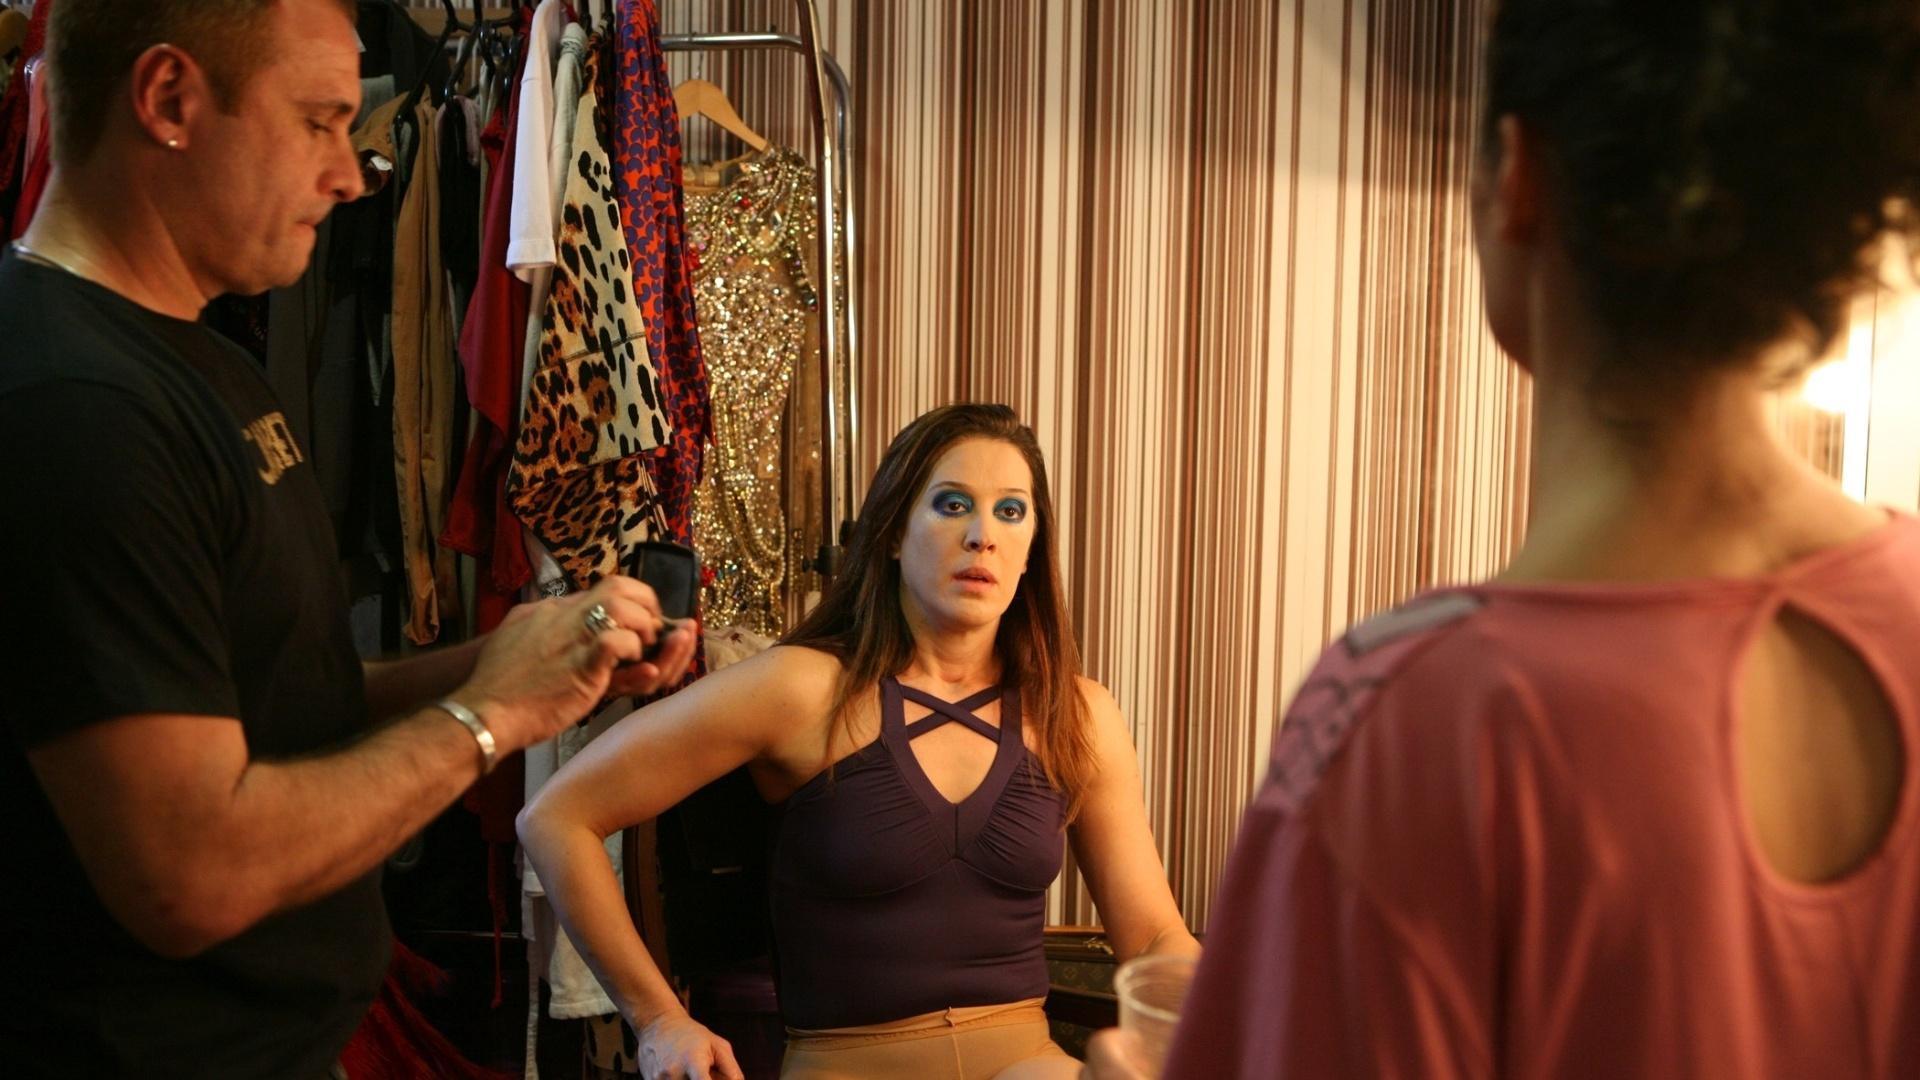 Cláudia Raia recebe a notícia de que a mesa de som não está funcionando pouco antes da reestreia do musical